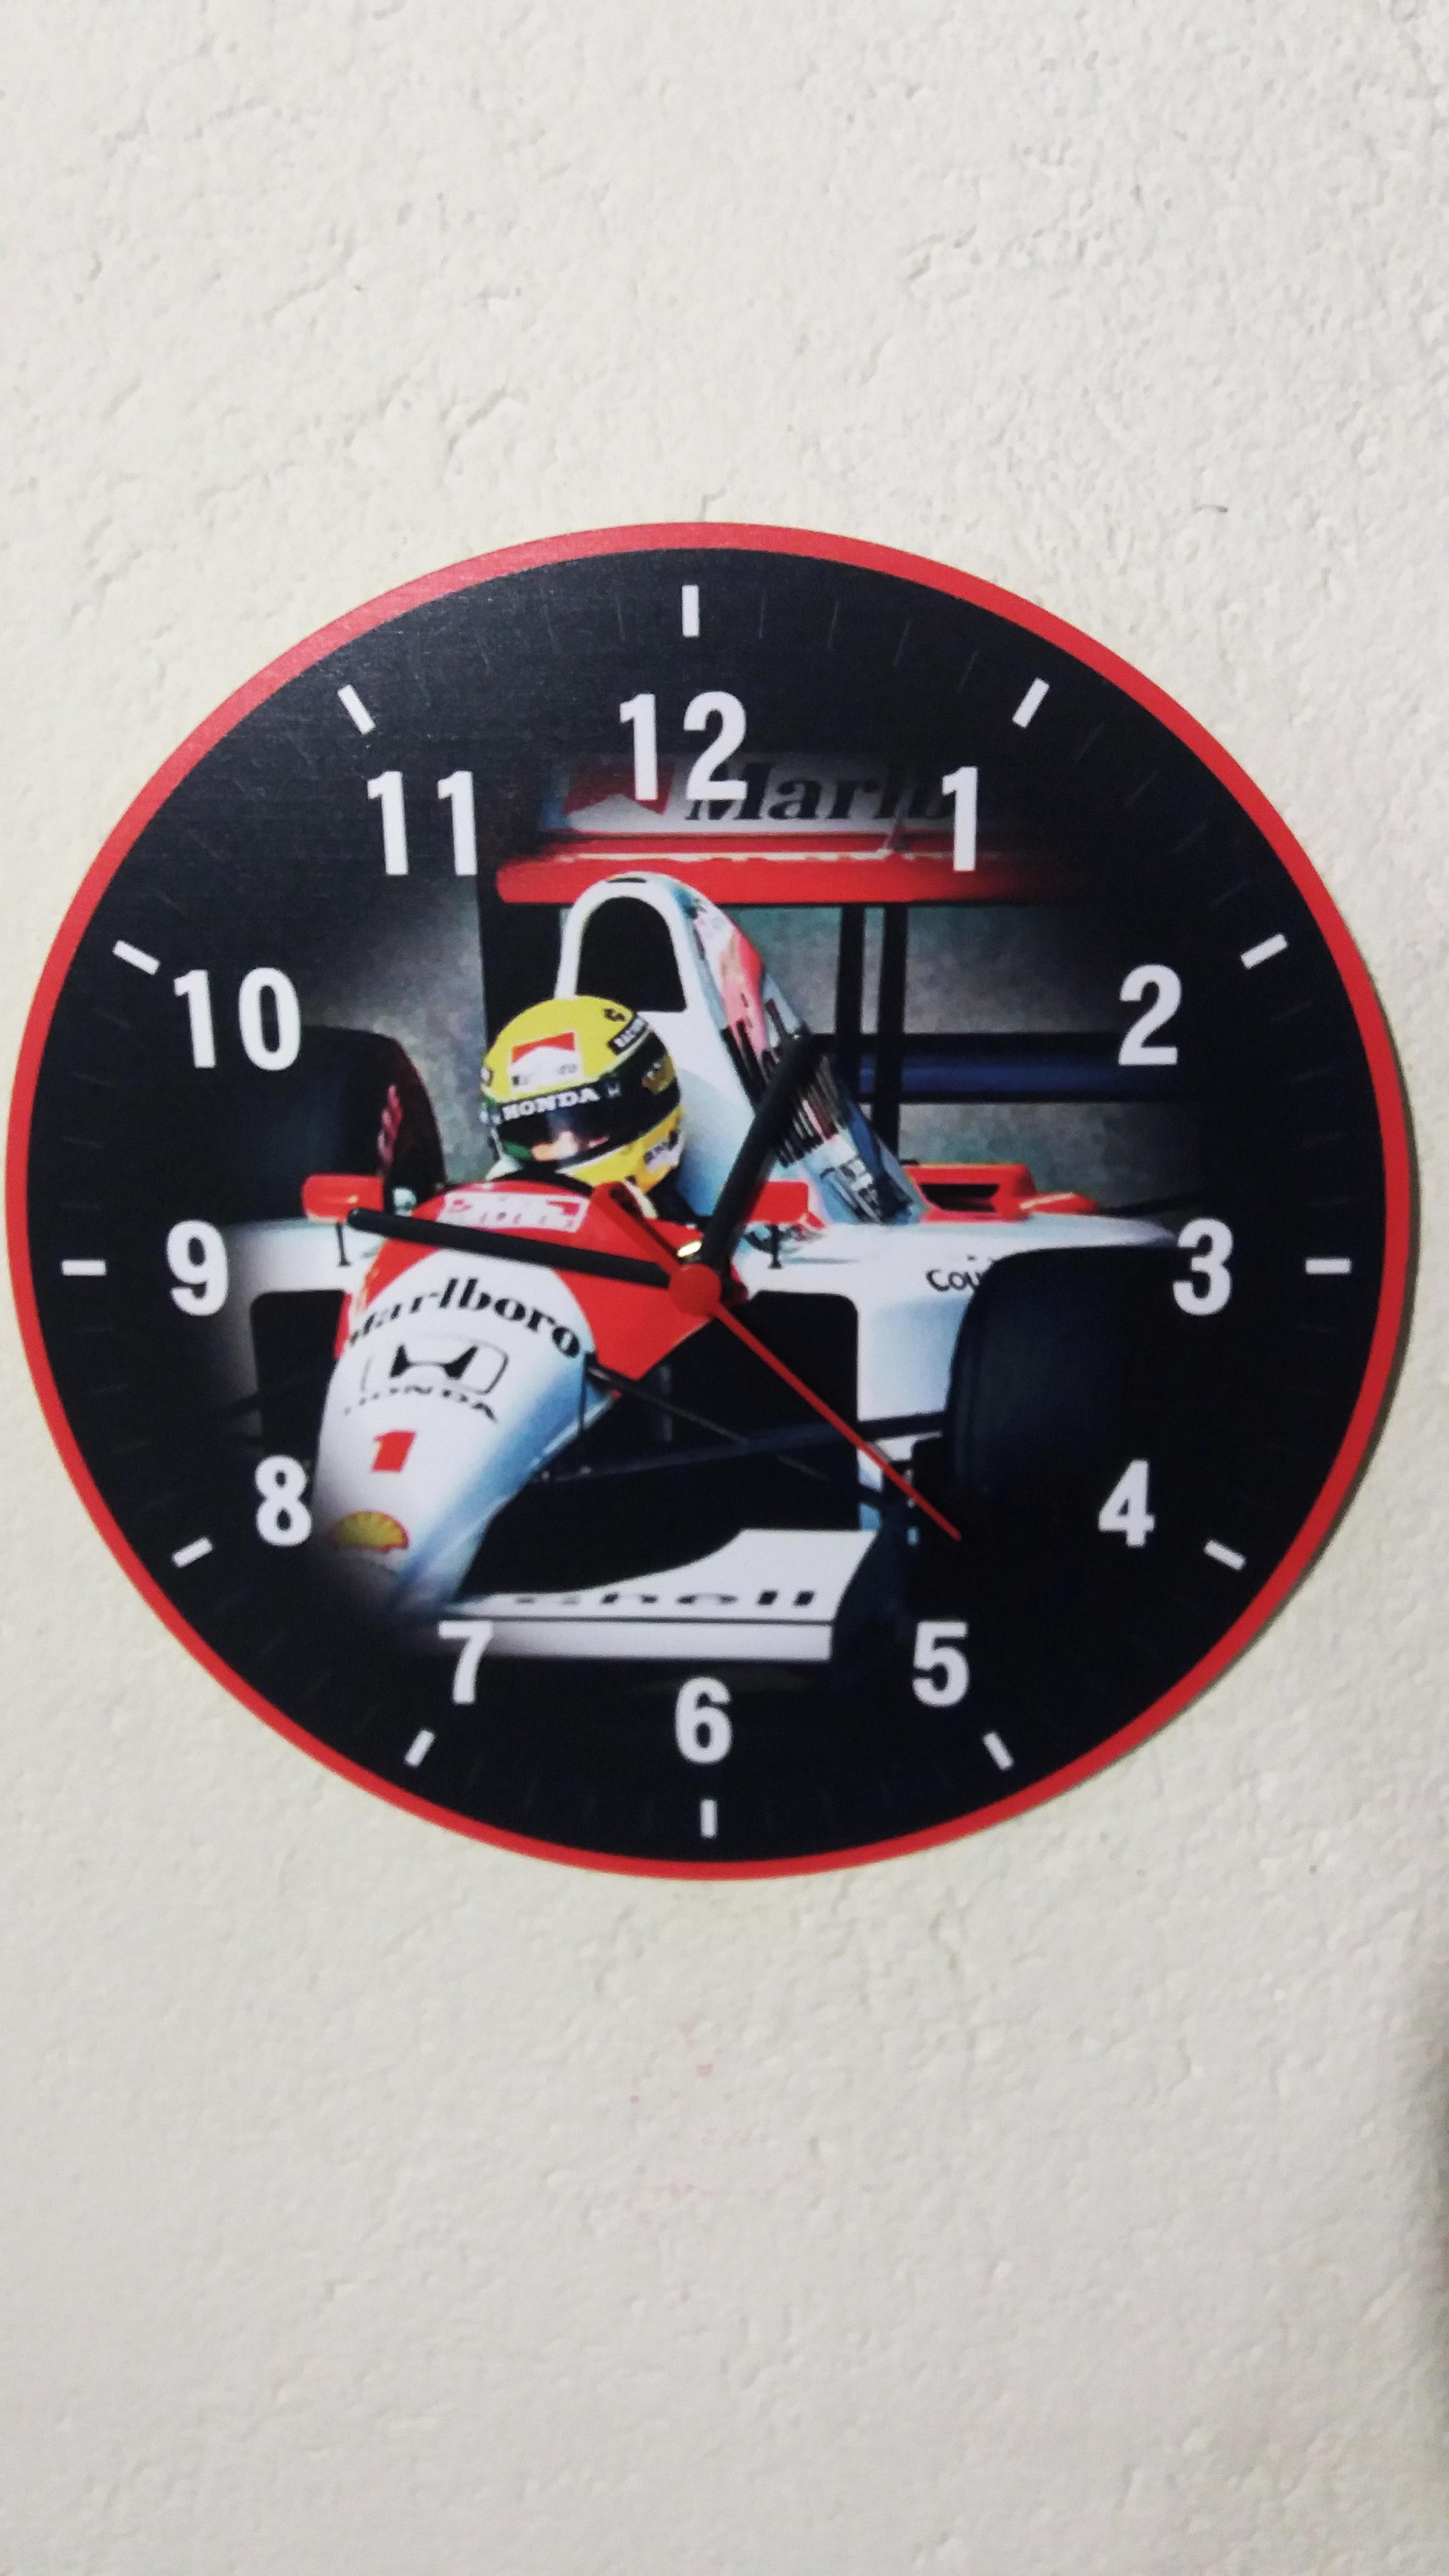 8002b6f9c95 Relogio de Parede Ayrton Senna Mclaren Rosto